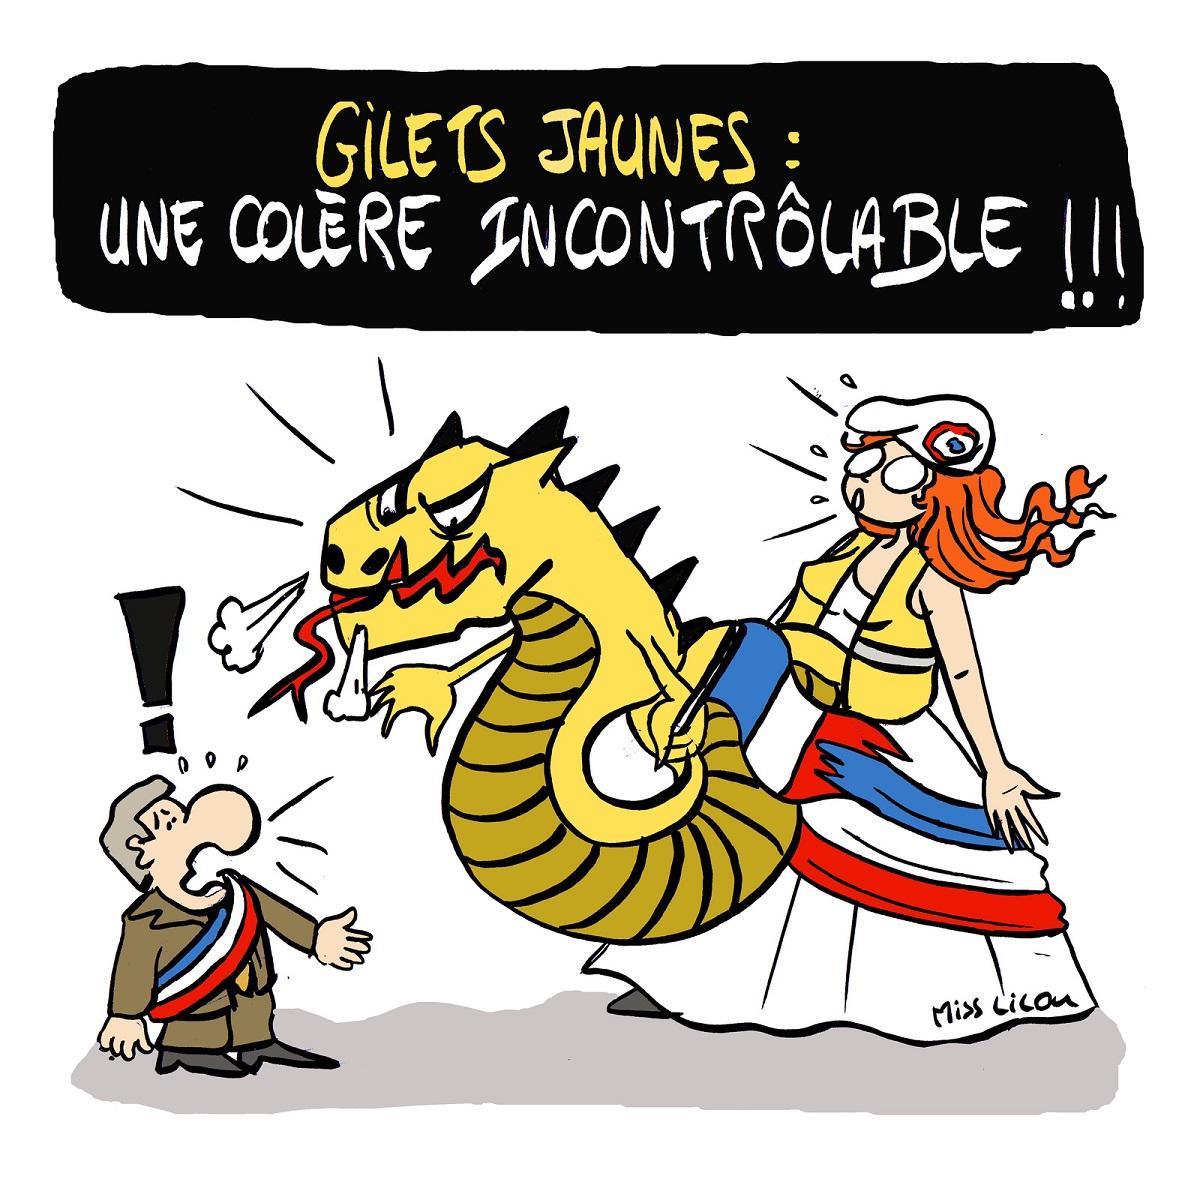 dessin d'actualité humoristique sur la colère du peuple en gilet jaune face aux élus